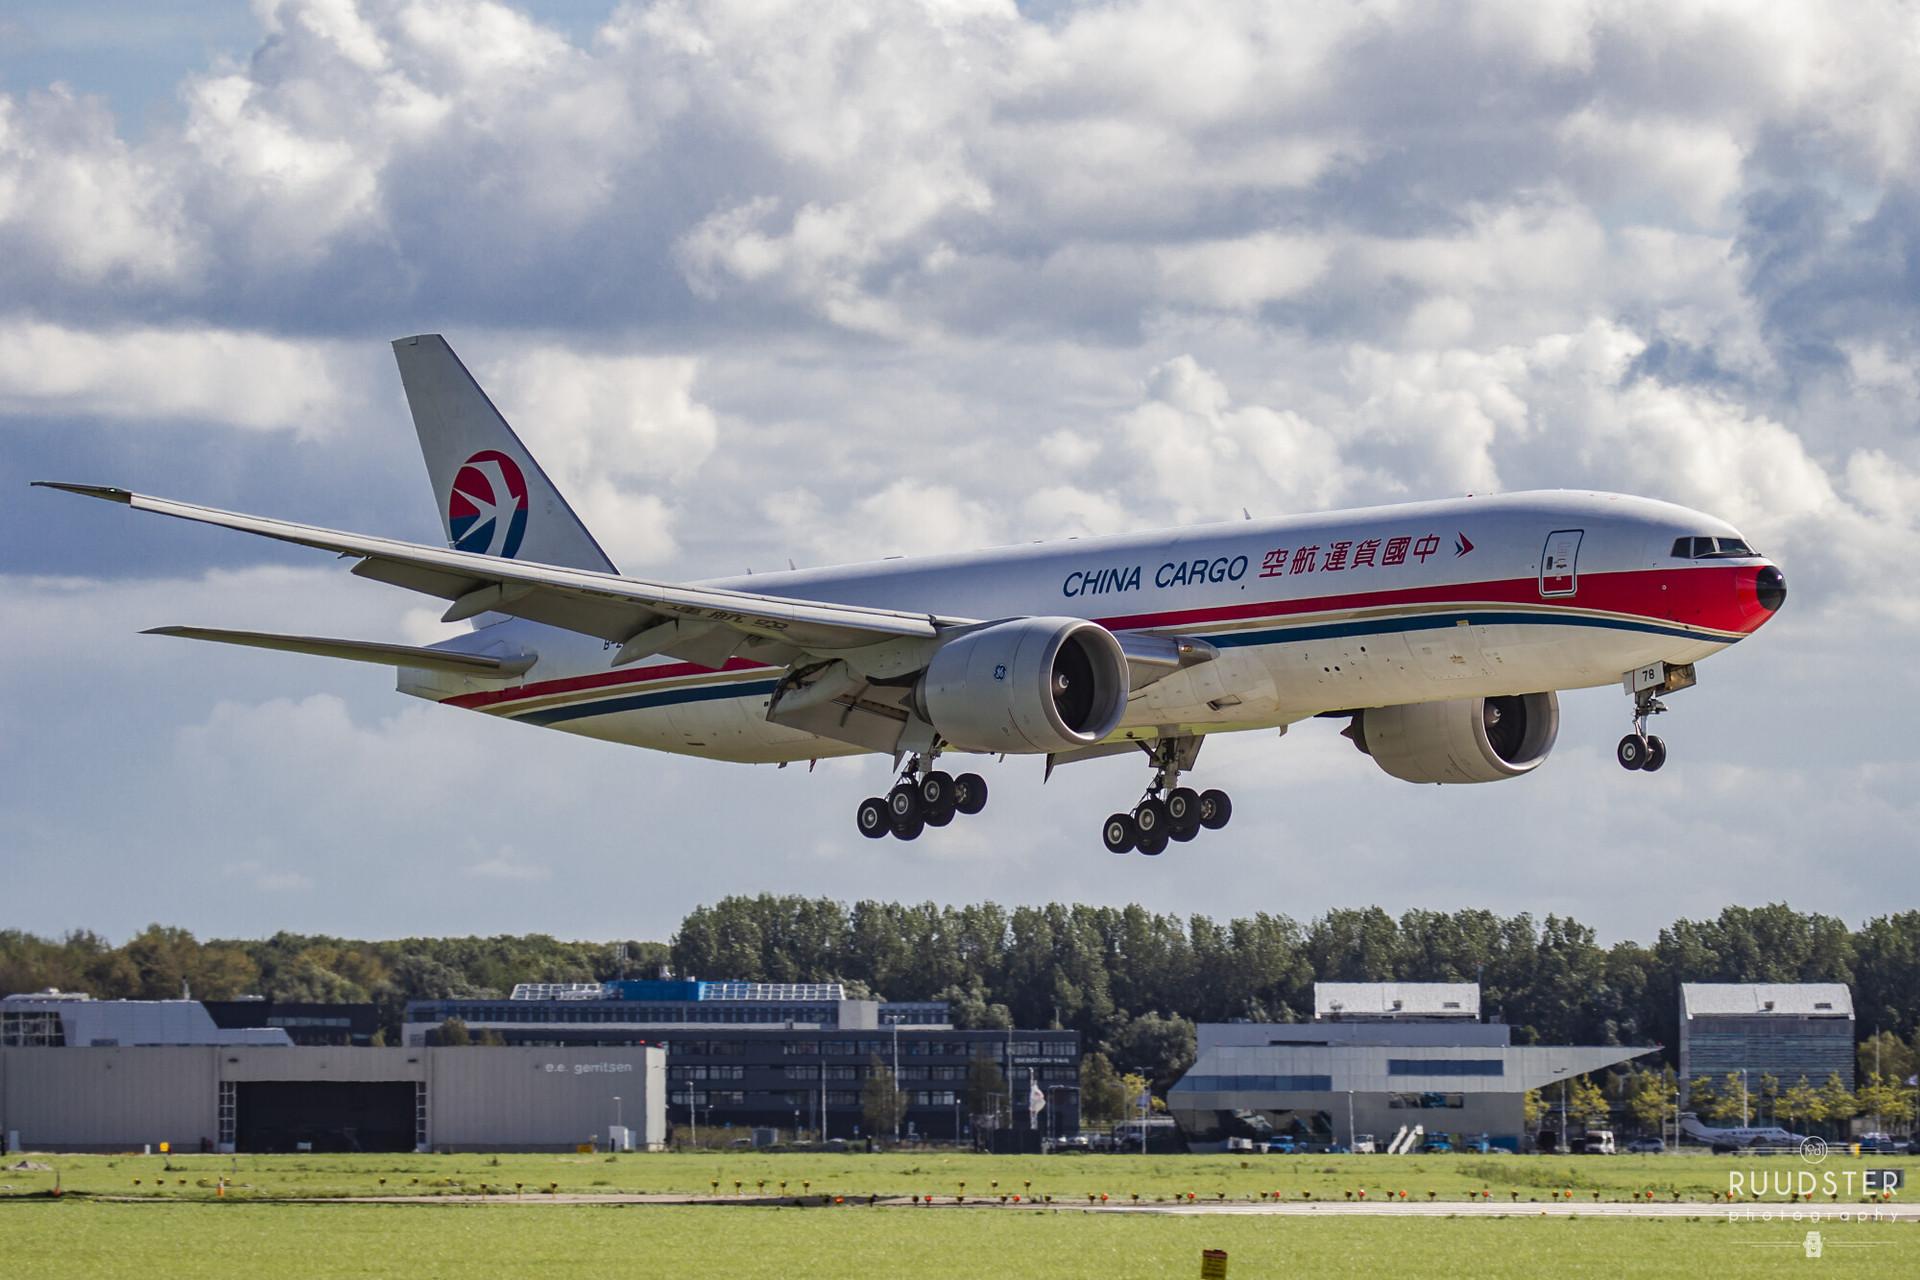 B-2078 | Build: 2010 - Boeing 777-F6N